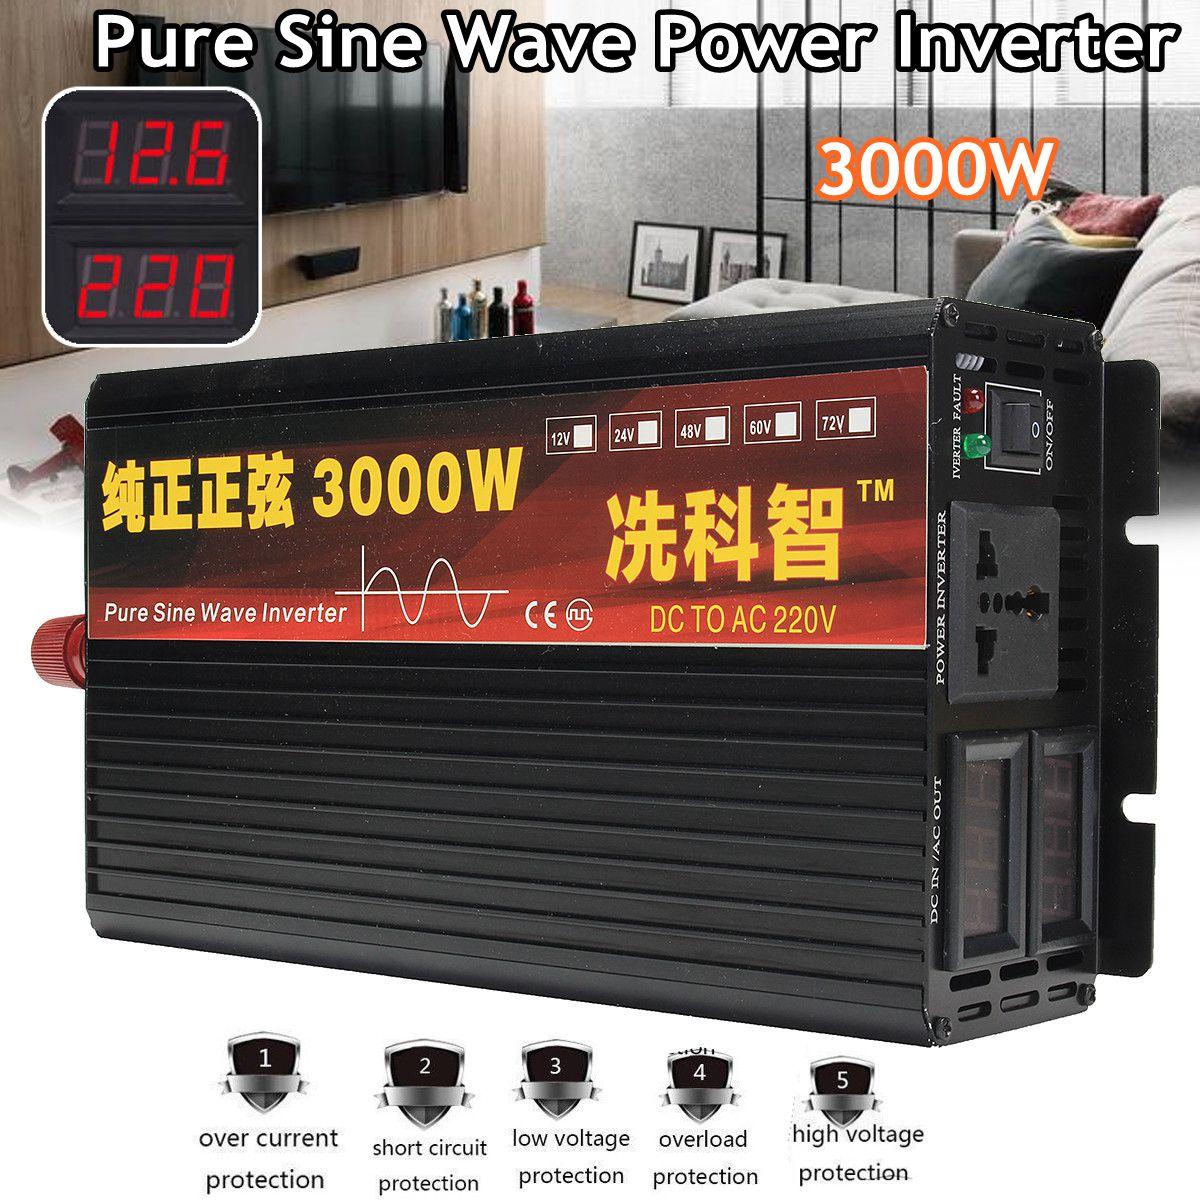 Инвертор 12 В/24 В 220 В 2000/3000/4000 Вт Напряжение трансформатор Чистая синусоида Мощность инвертор DC12V к AC 220 В конвертер + 2 светодио дный Дисплей